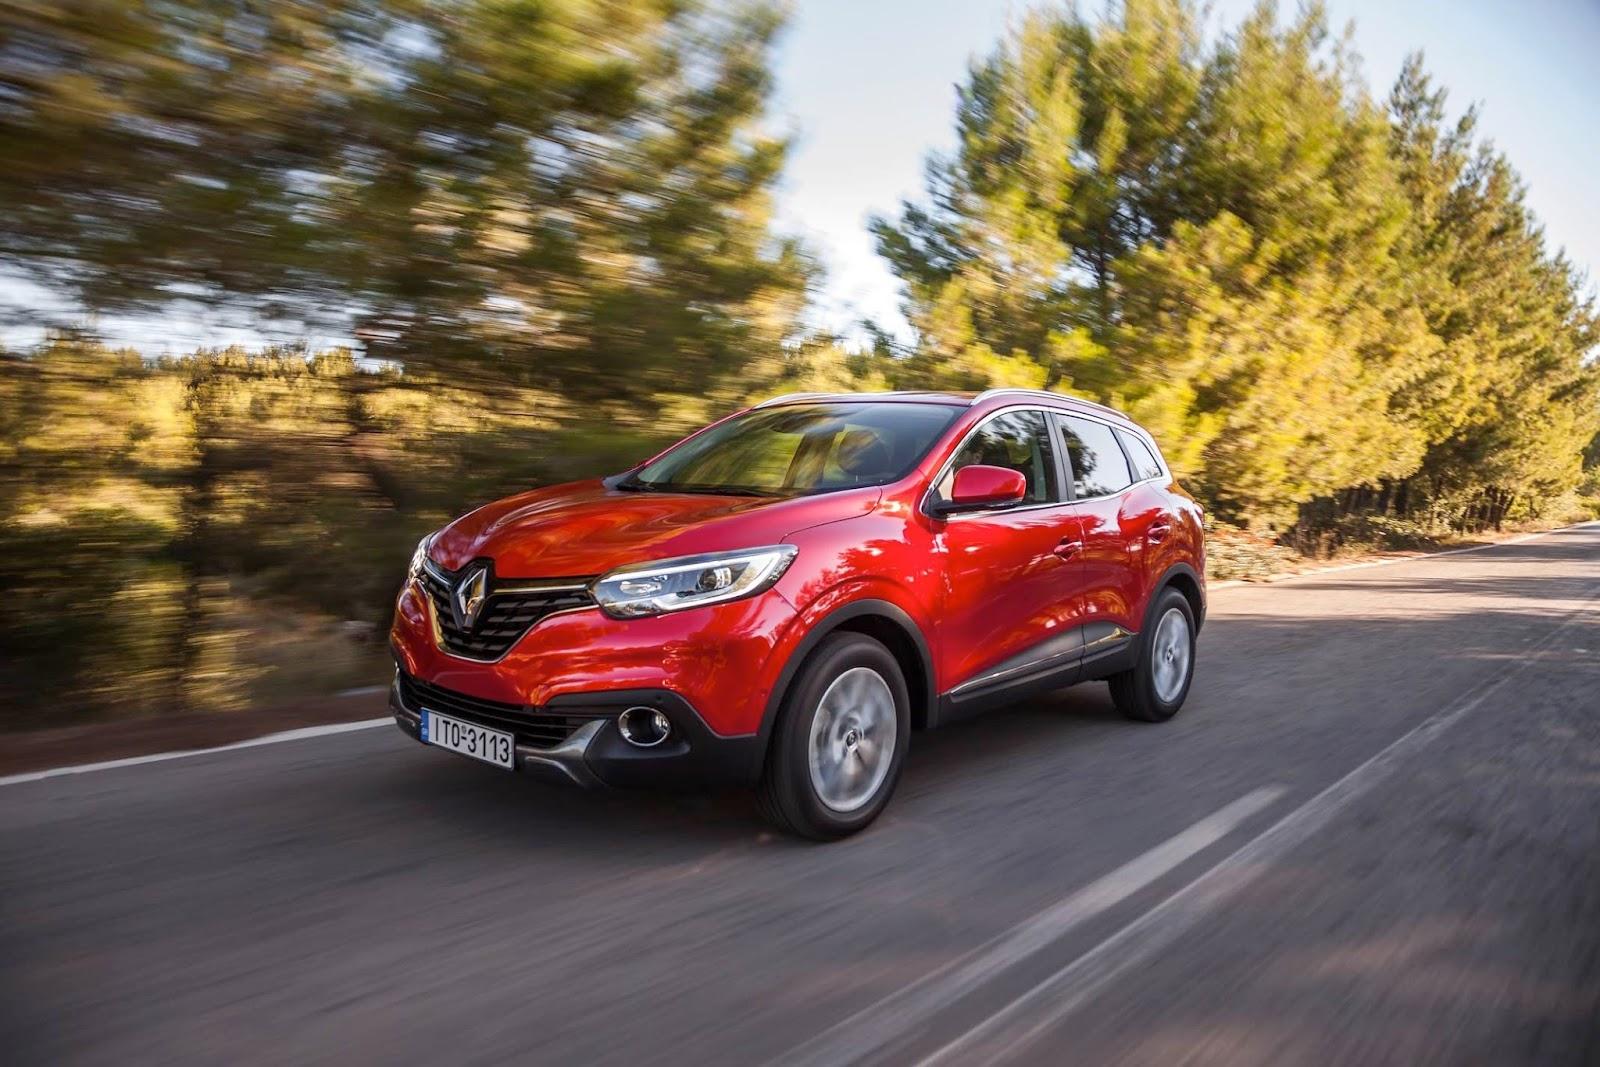 IMG 9858 Το Renault Kadjar ξεκινά την εμπορική του πορεία από 20.850 ευρώ Renault, Renault Kadjar, SUV